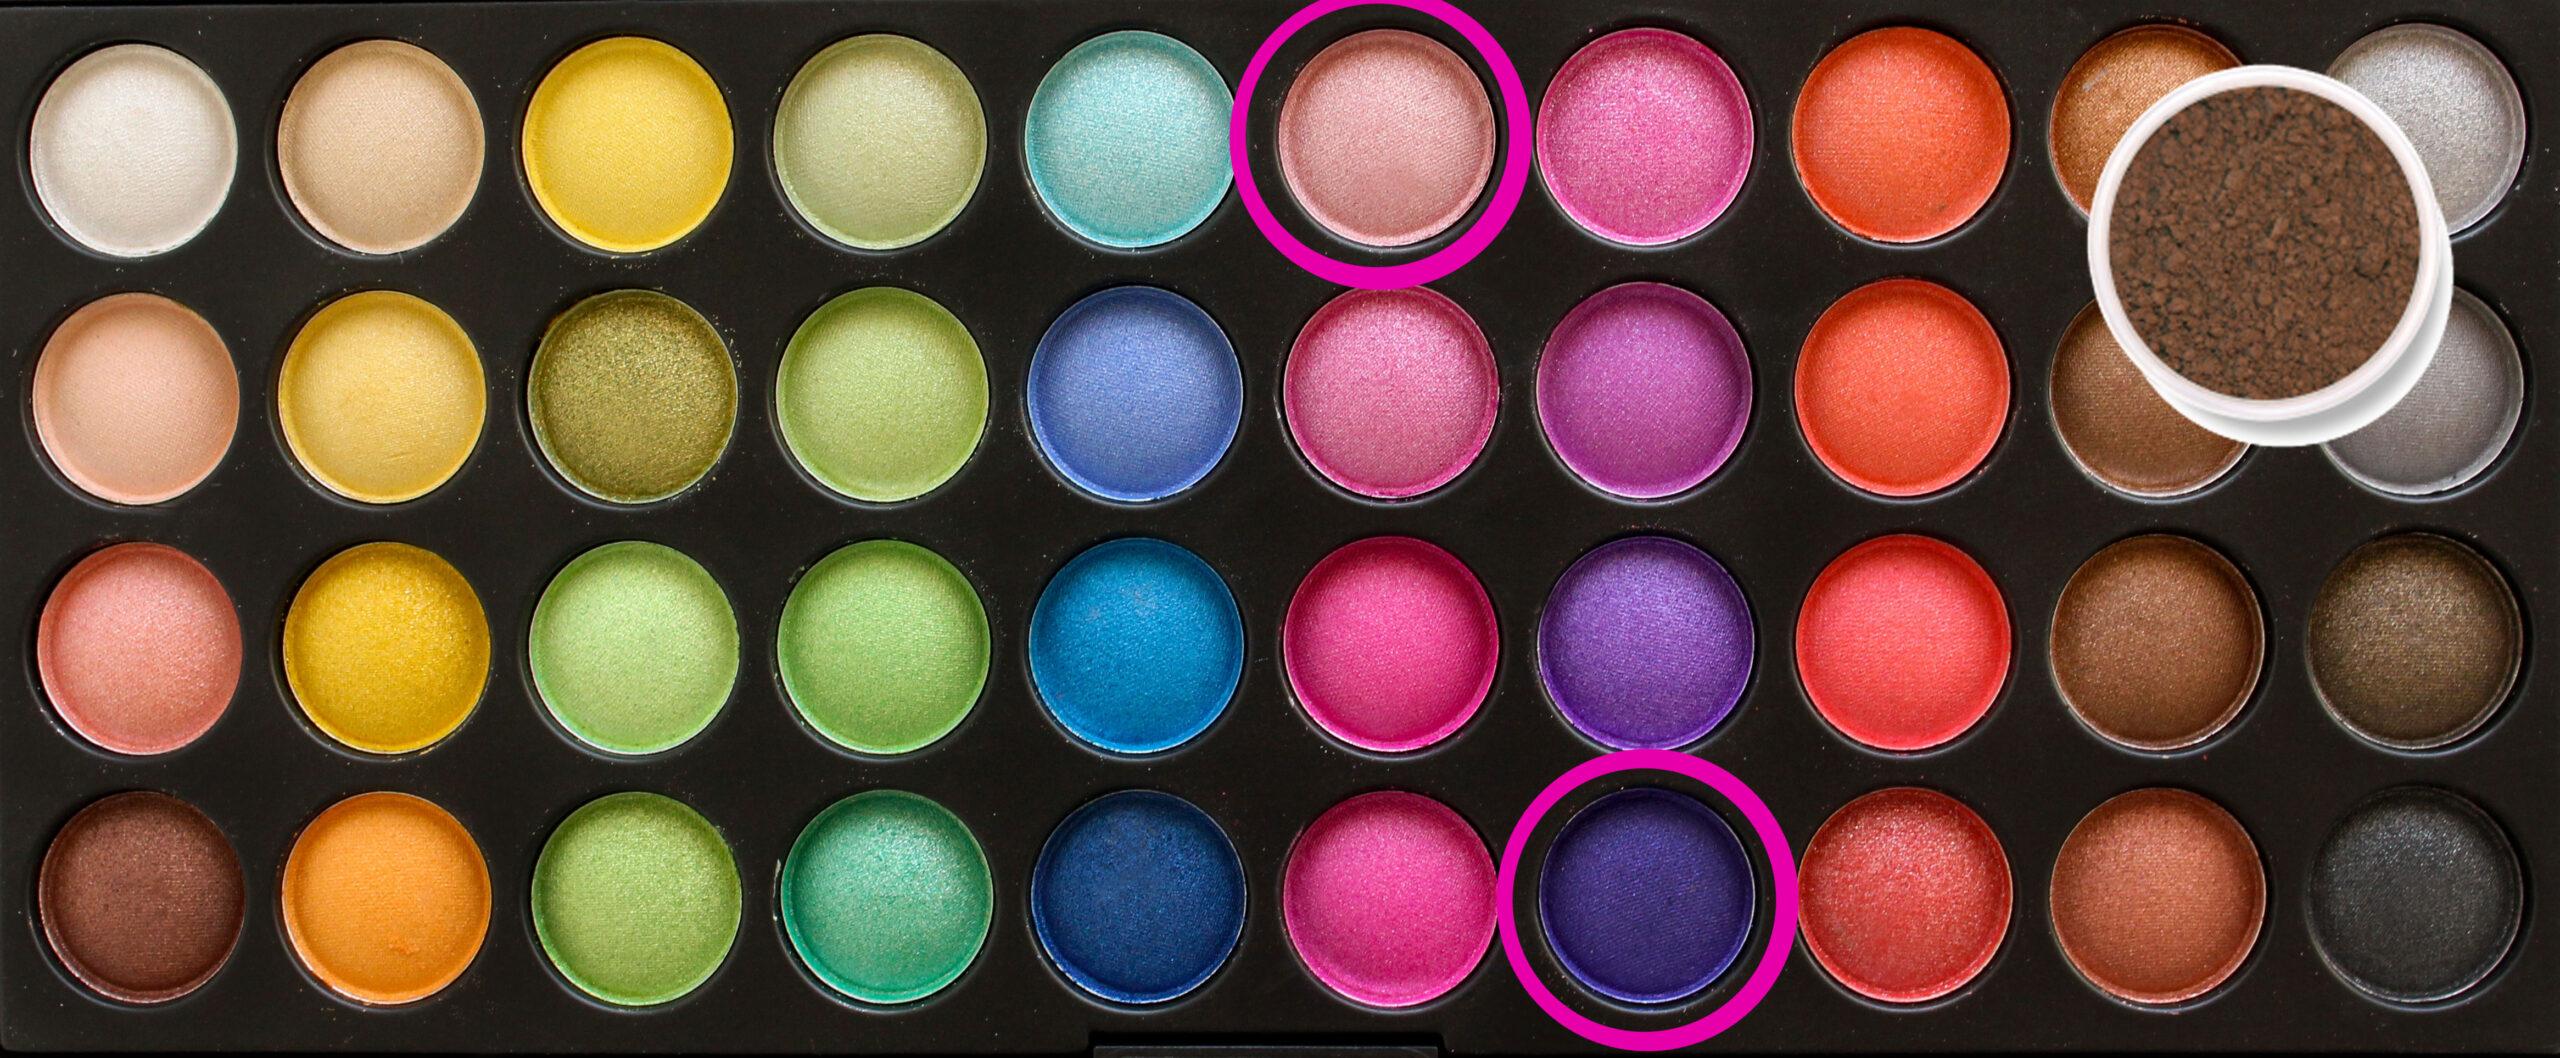 byher-palettt